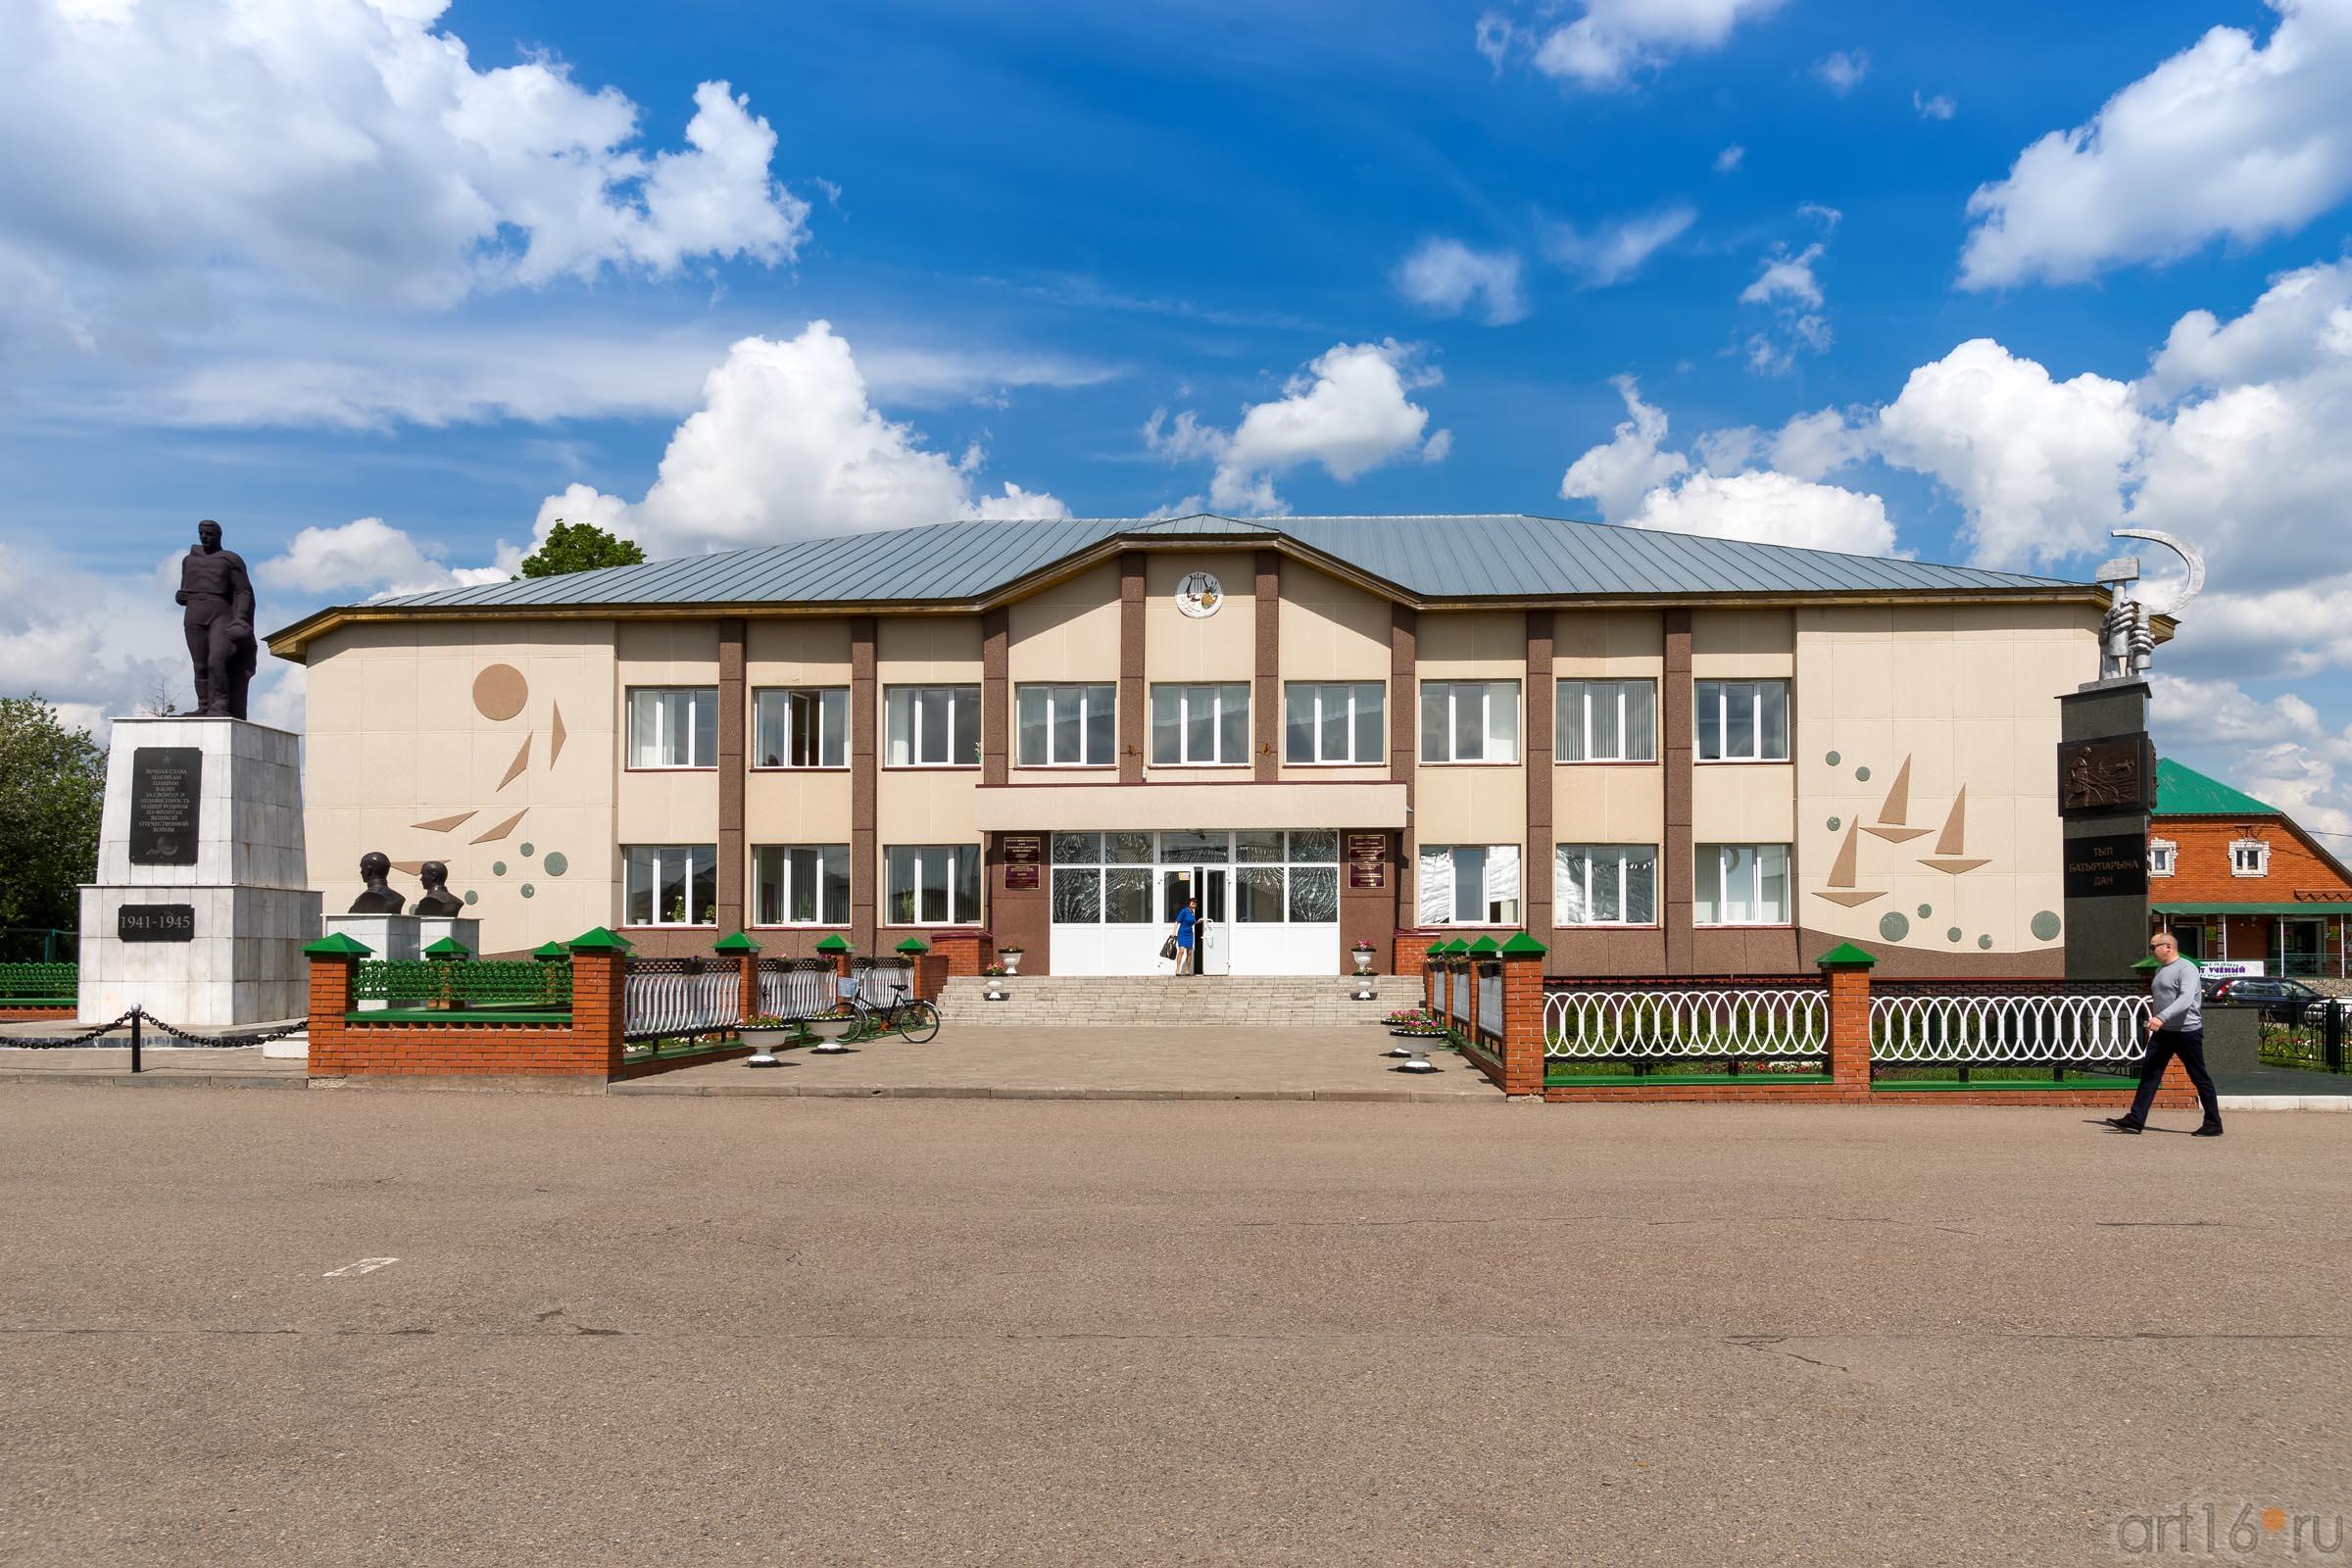 Центр детского творчества, Богатые Сабы::Богатые Сабы. Шаймарданов Альфрид. Выставка